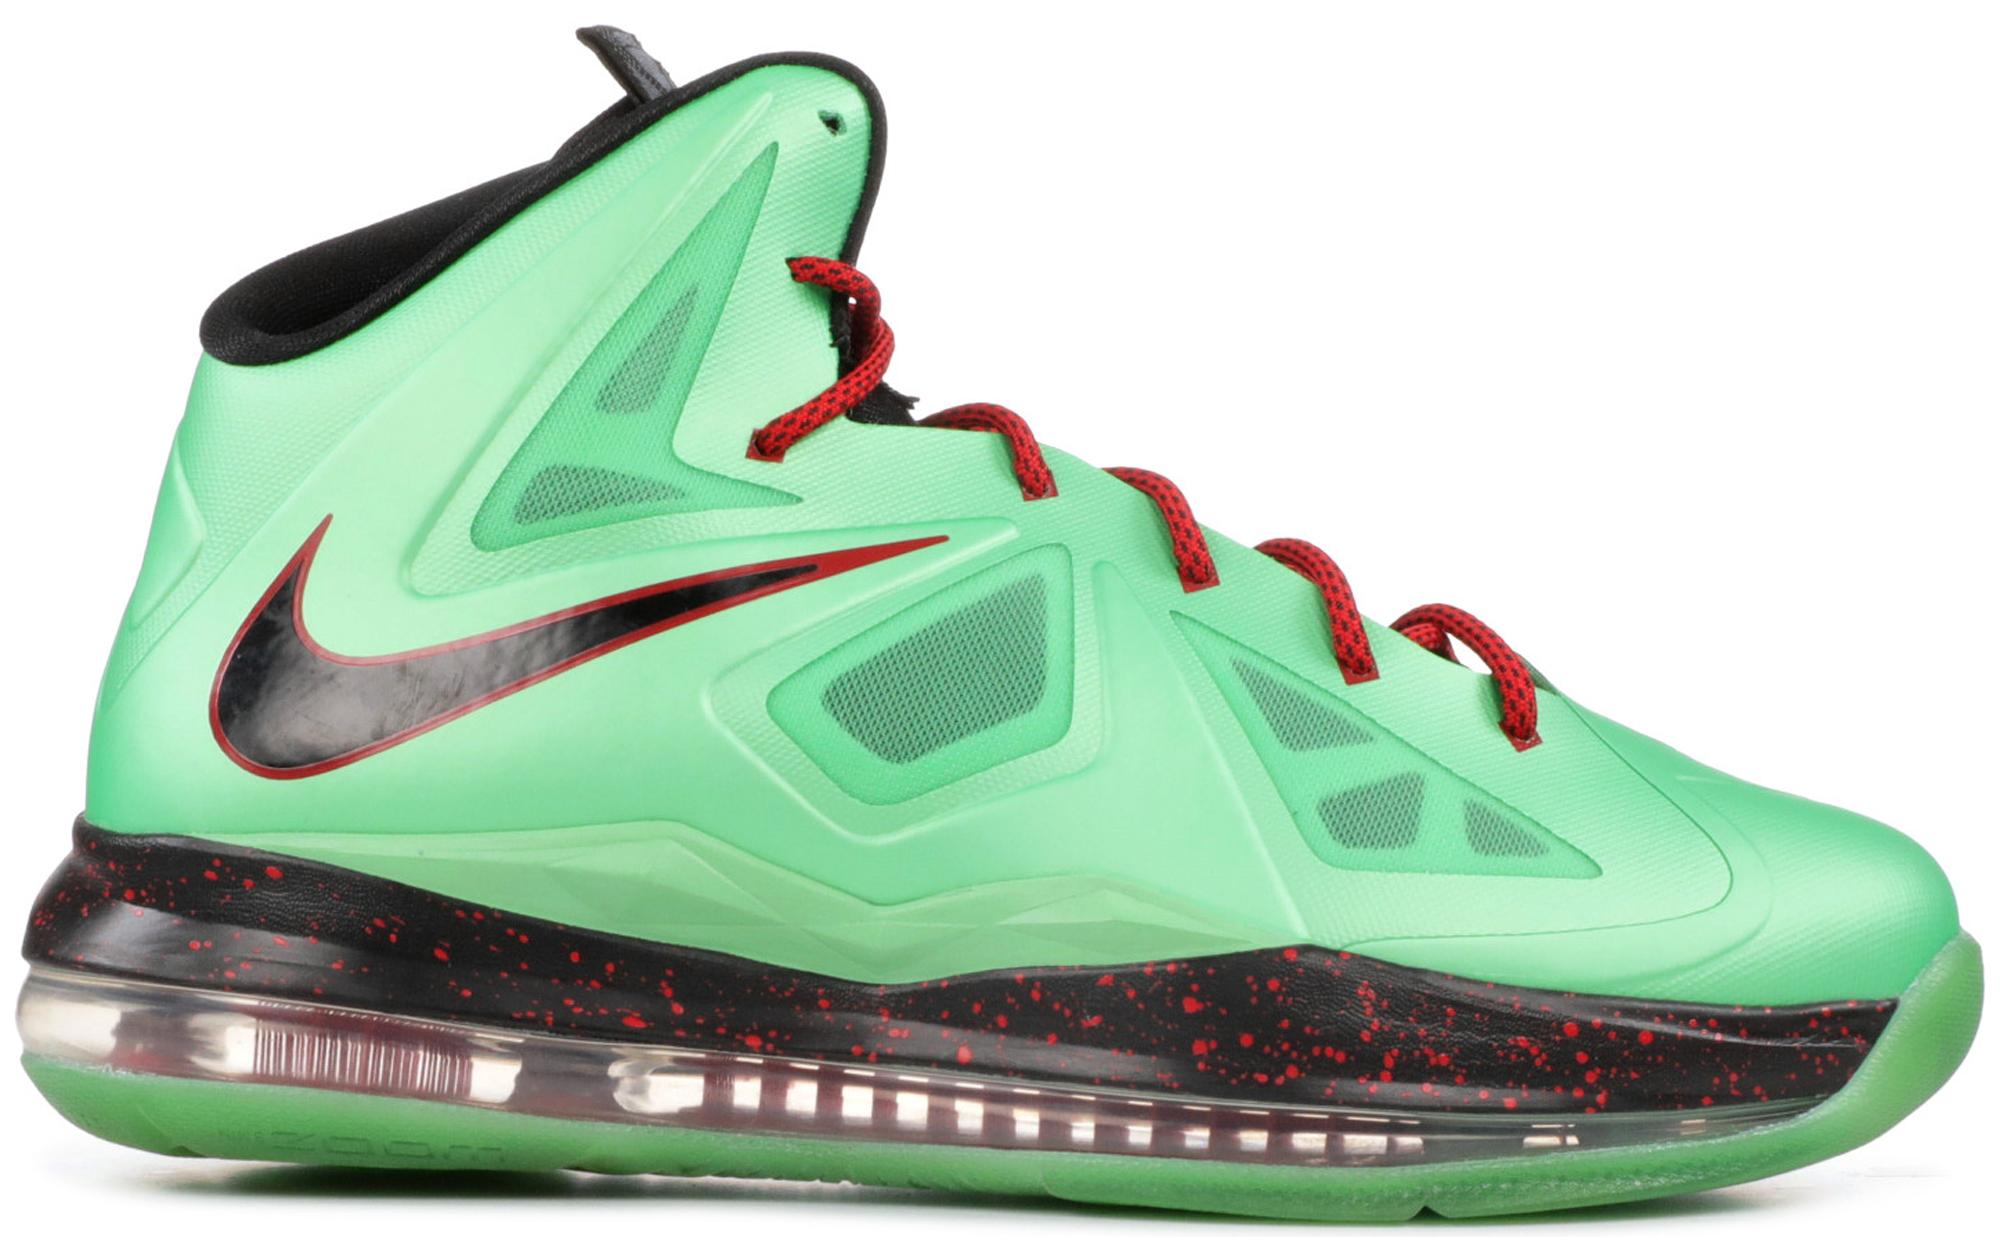 Nike LeBron 10 Cutting Jade (GS